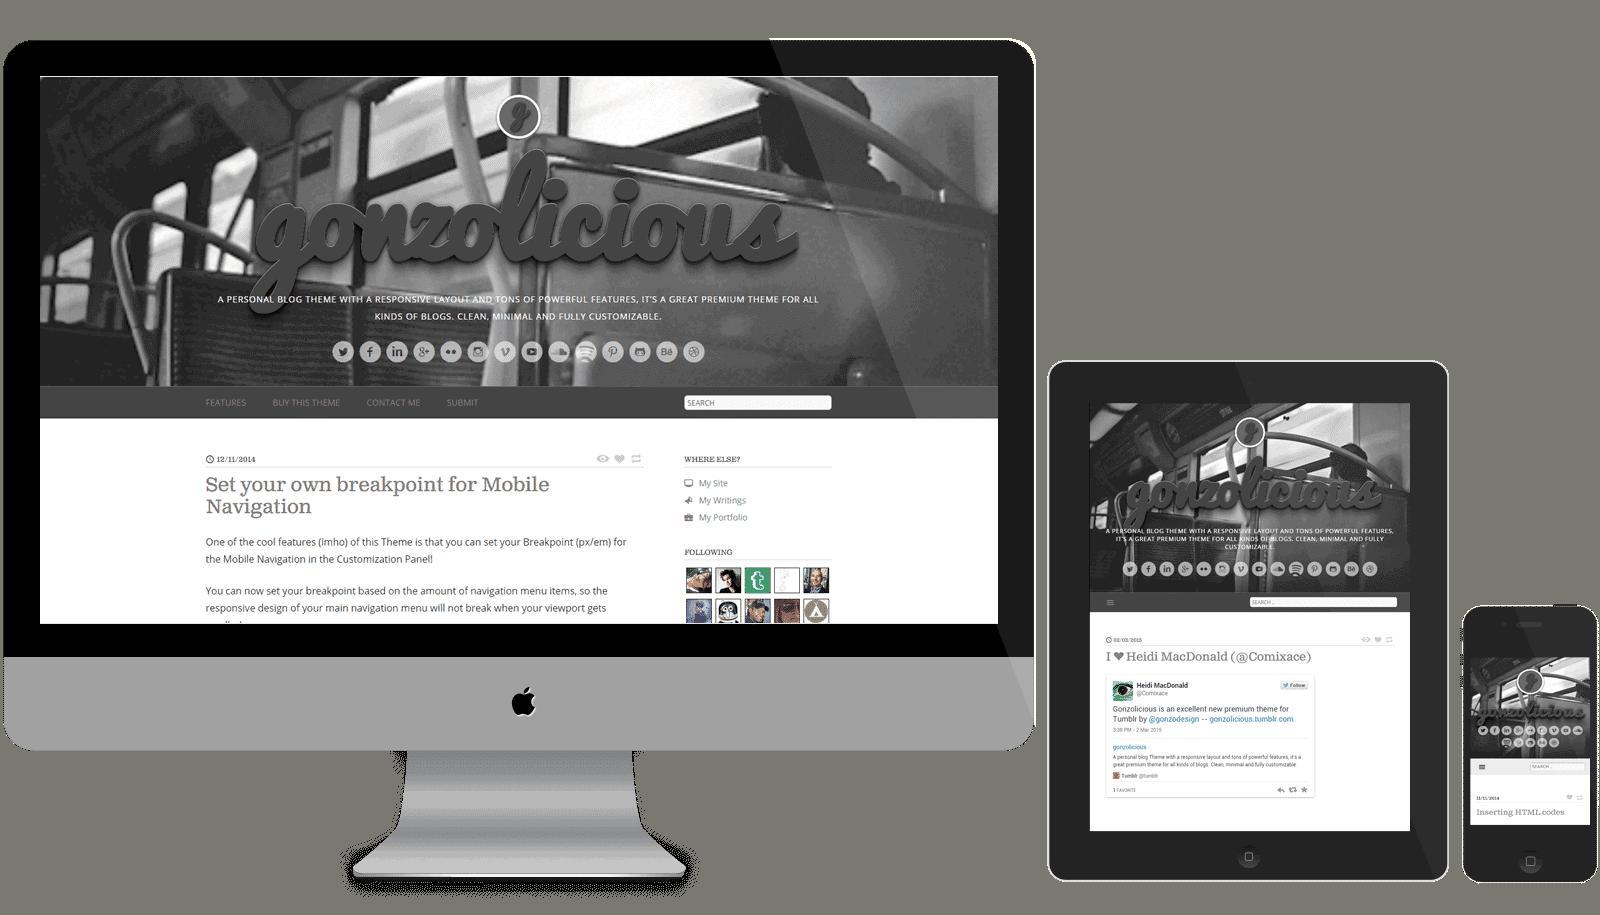 Afbeelding van het Responsive Premium Tumblr Theme gonzolicious op een desktop monitor, tablet en mobiel